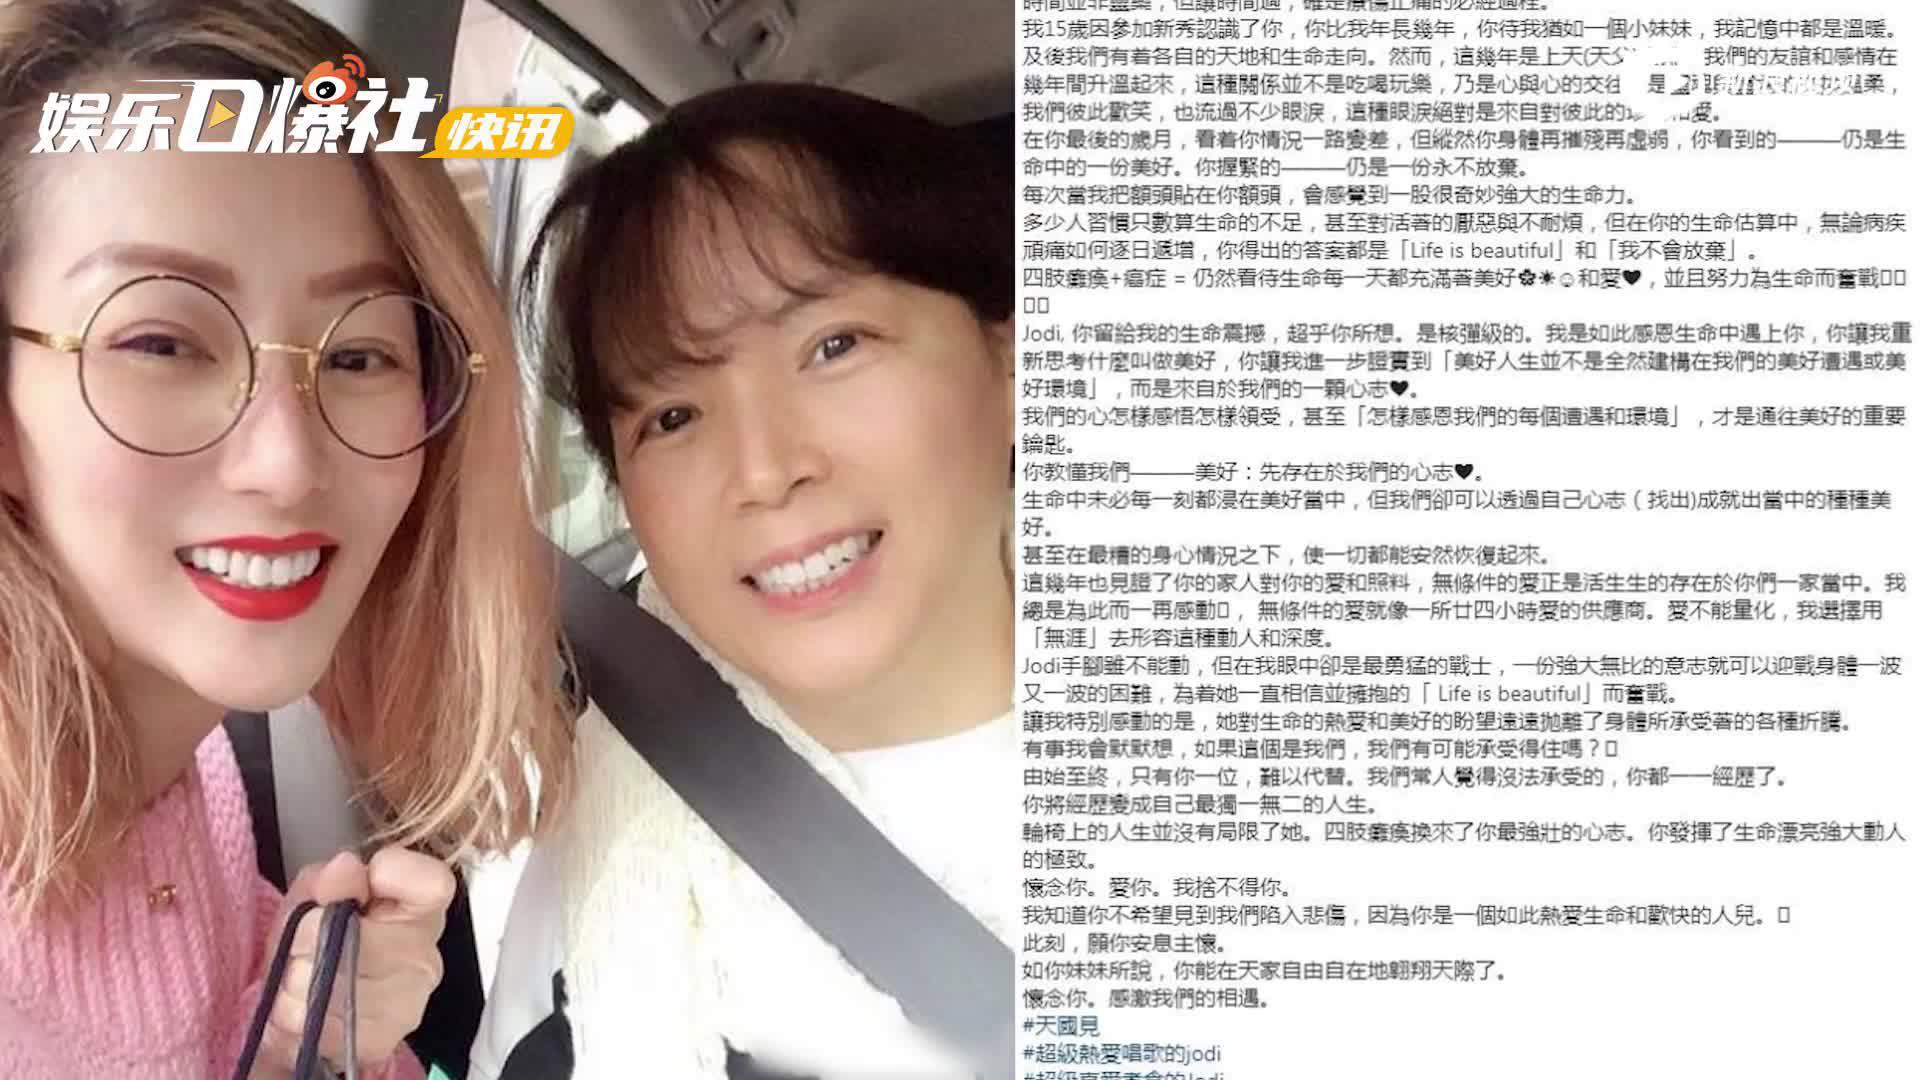 牛莉:暴雨成灾保险赔 广州市巨灾指数保险赔付400万元趣味斗地主下载